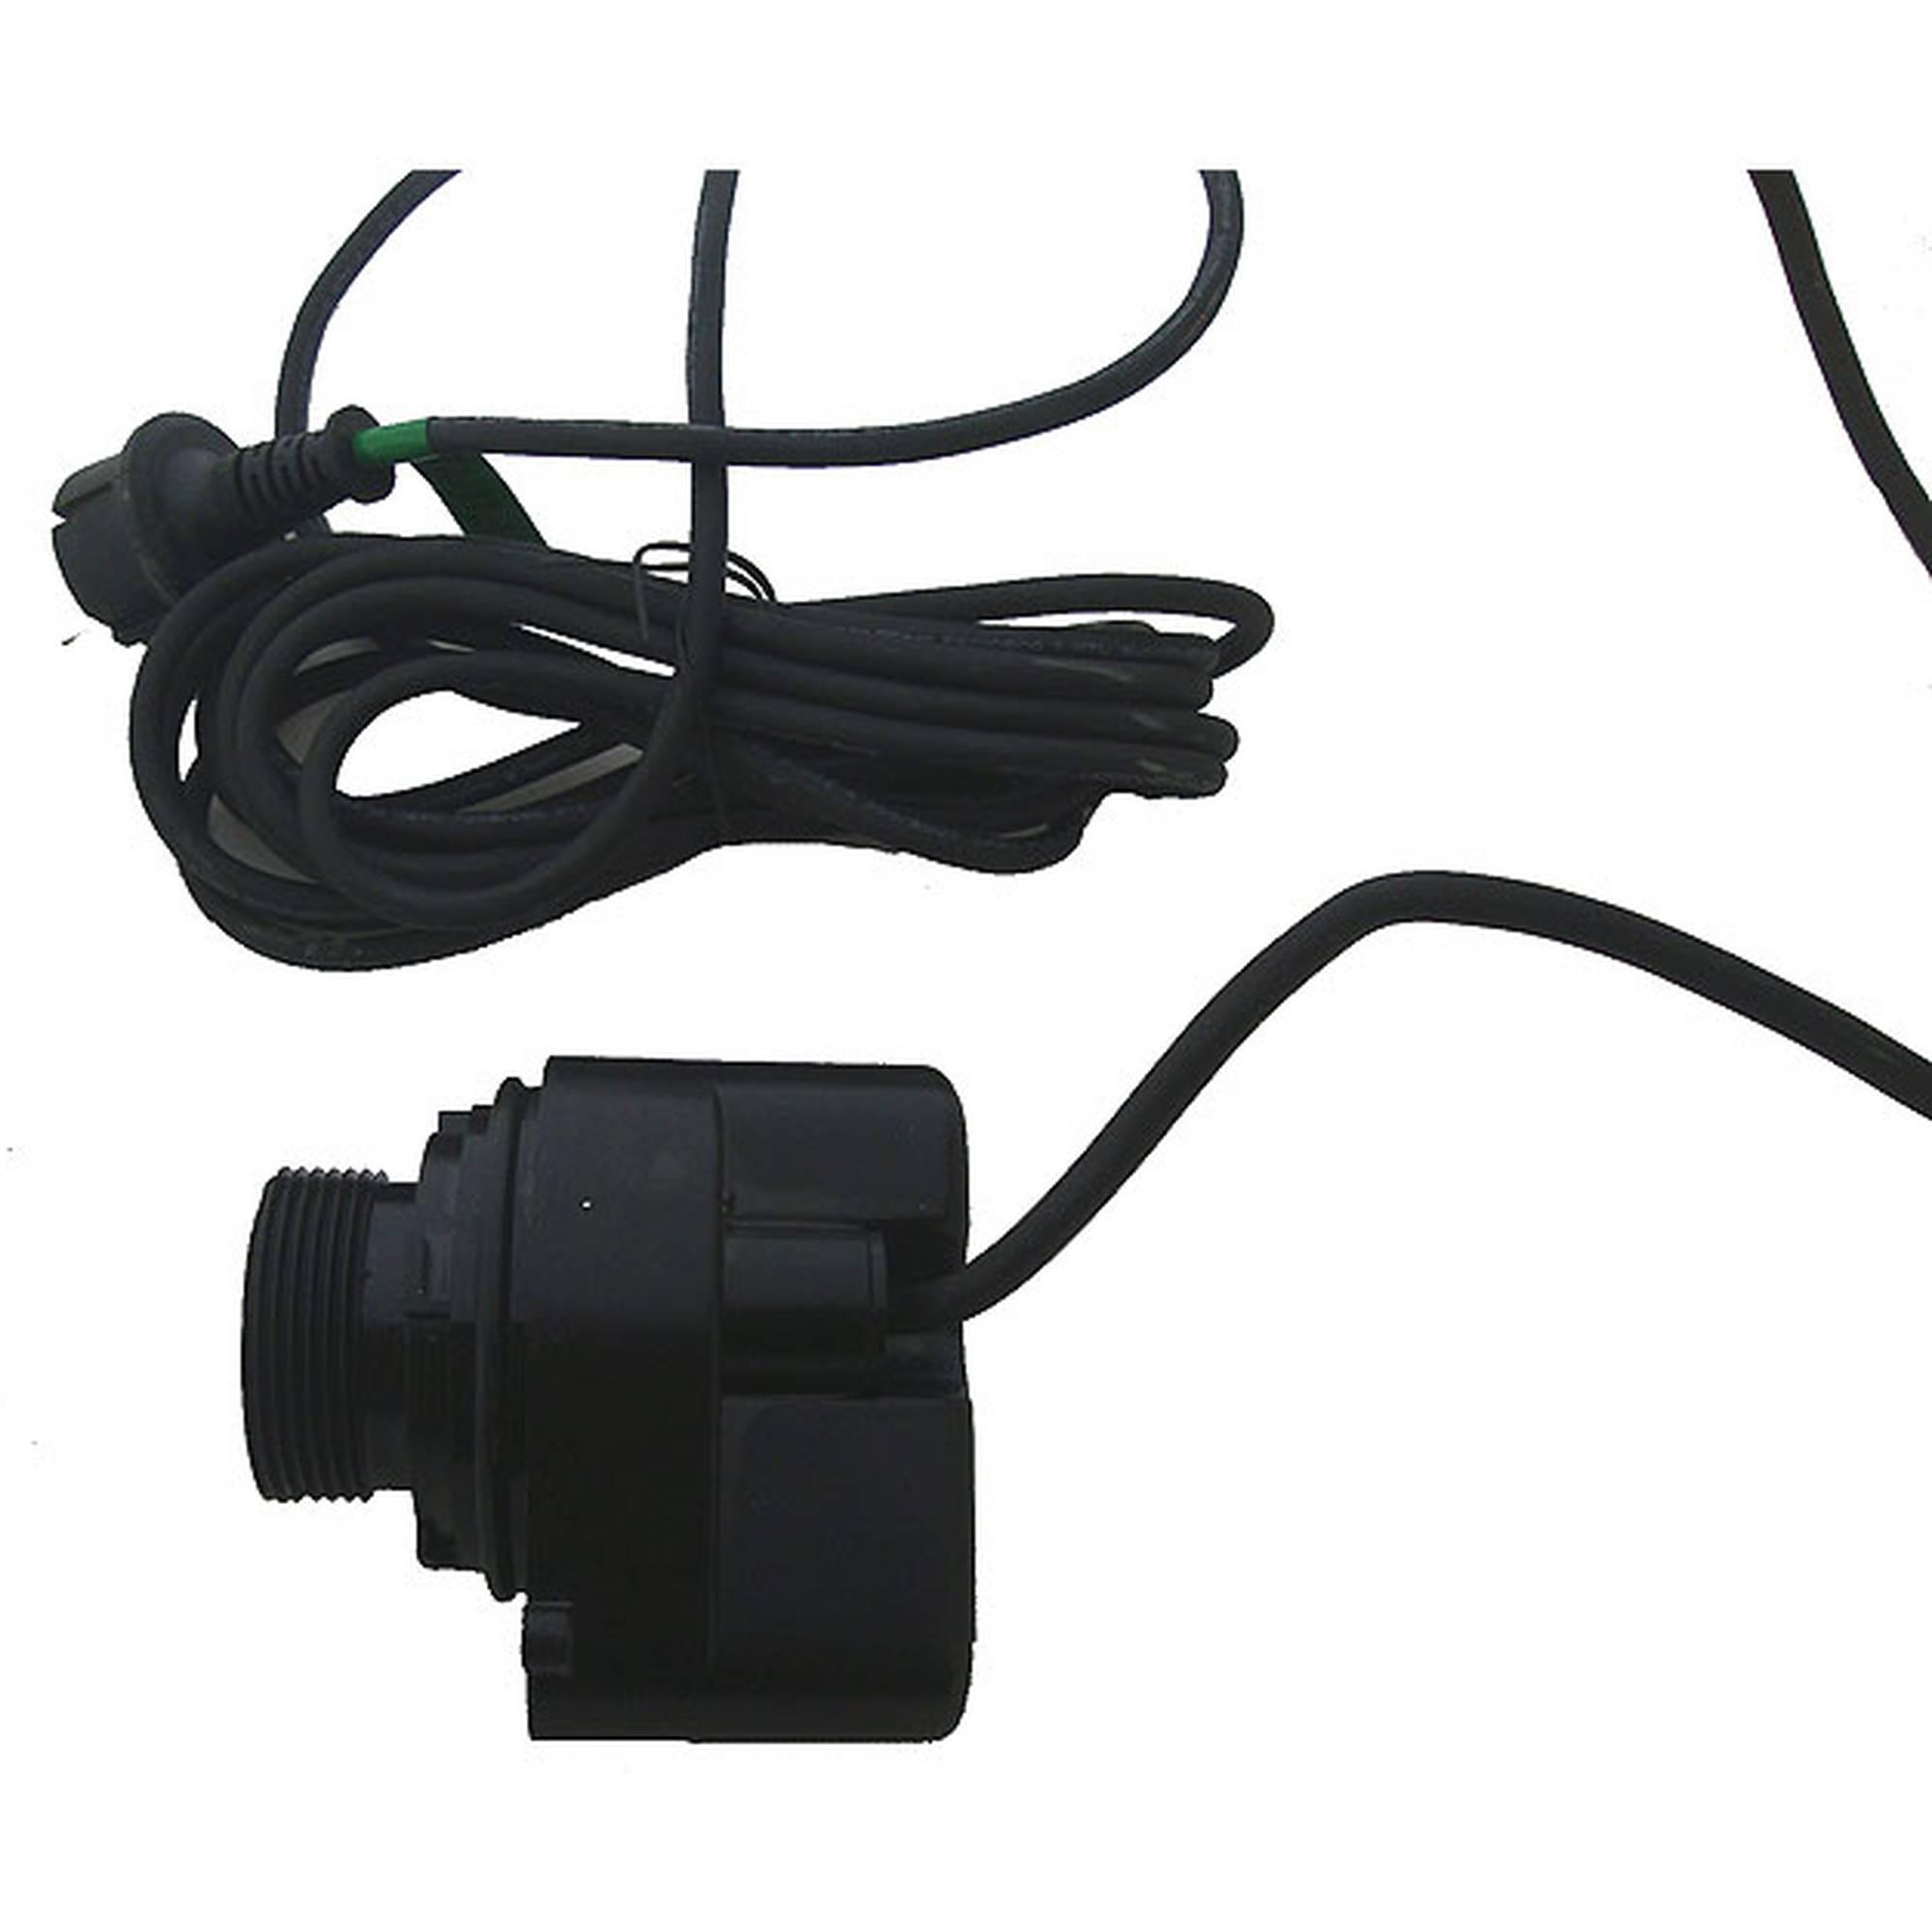 Elektronik inkl. Kabel und Trafo